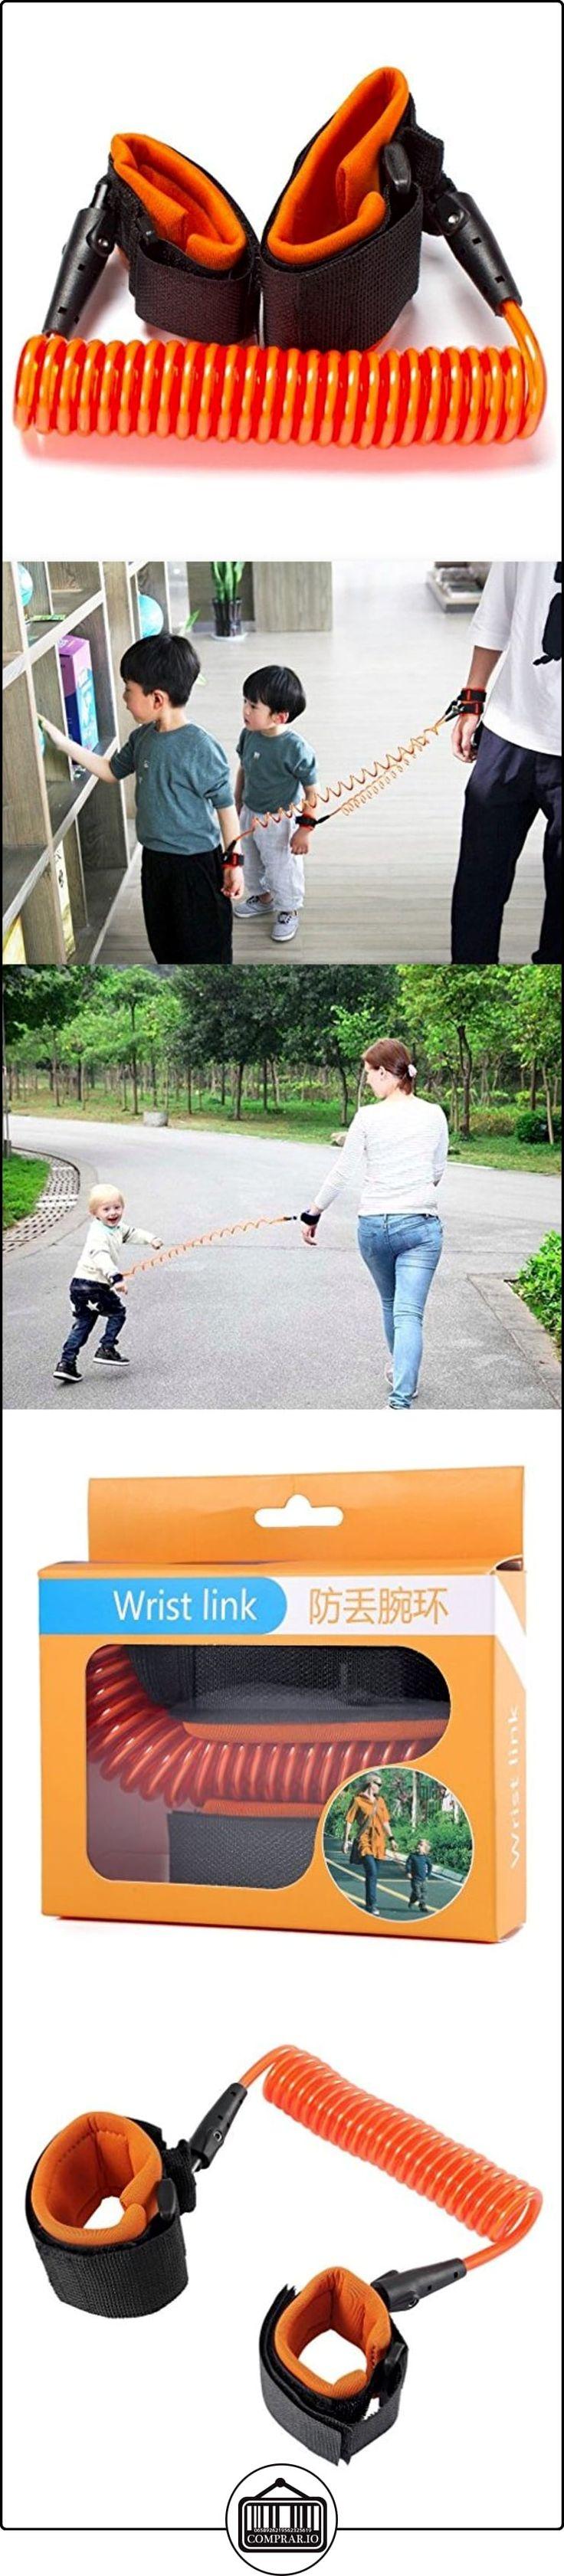 homeself nuevo diseño ajustable suave para bebé anti perdido cinturón arnés de seguridad Seguridad Elástico Cuerda De Alambre muñeca Link correa de sujeción anti perdido paso caminar cinturón de mano para viajar compras explorar naranja naranja  ✿ Seguridad para tu bebé - (Protege a tus hijos) ✿ ▬► Ver oferta: http://comprar.io/goto/B01MYT4HKJ